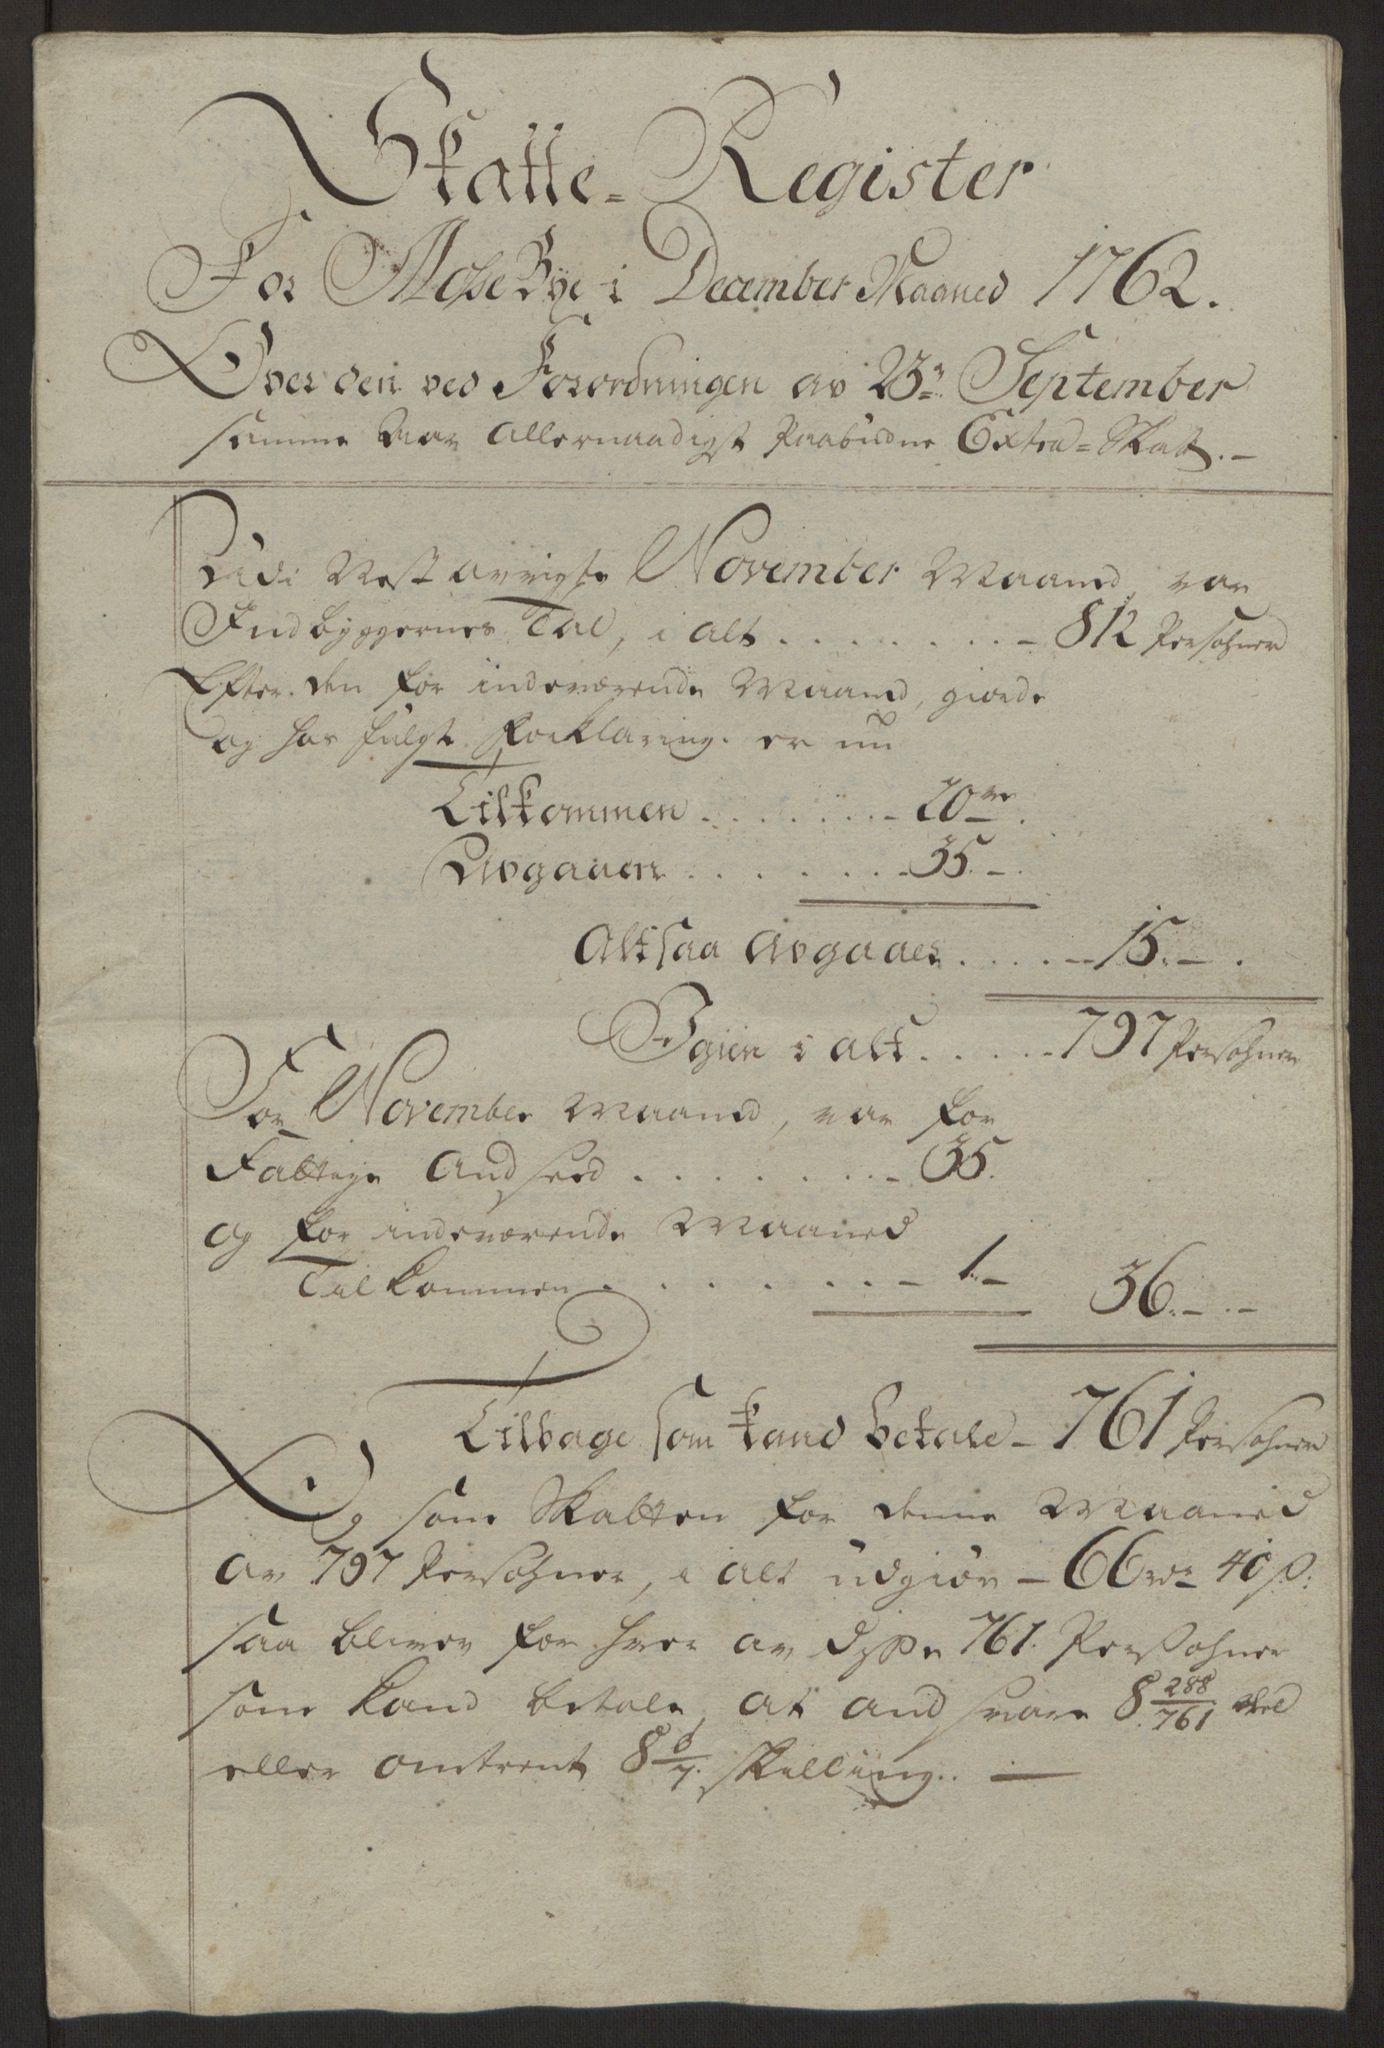 RA, Rentekammeret inntil 1814, Reviderte regnskaper, Byregnskaper, R/Rc/L0042: [C1] Kontribusjonsregnskap, 1762-1765, s. 45